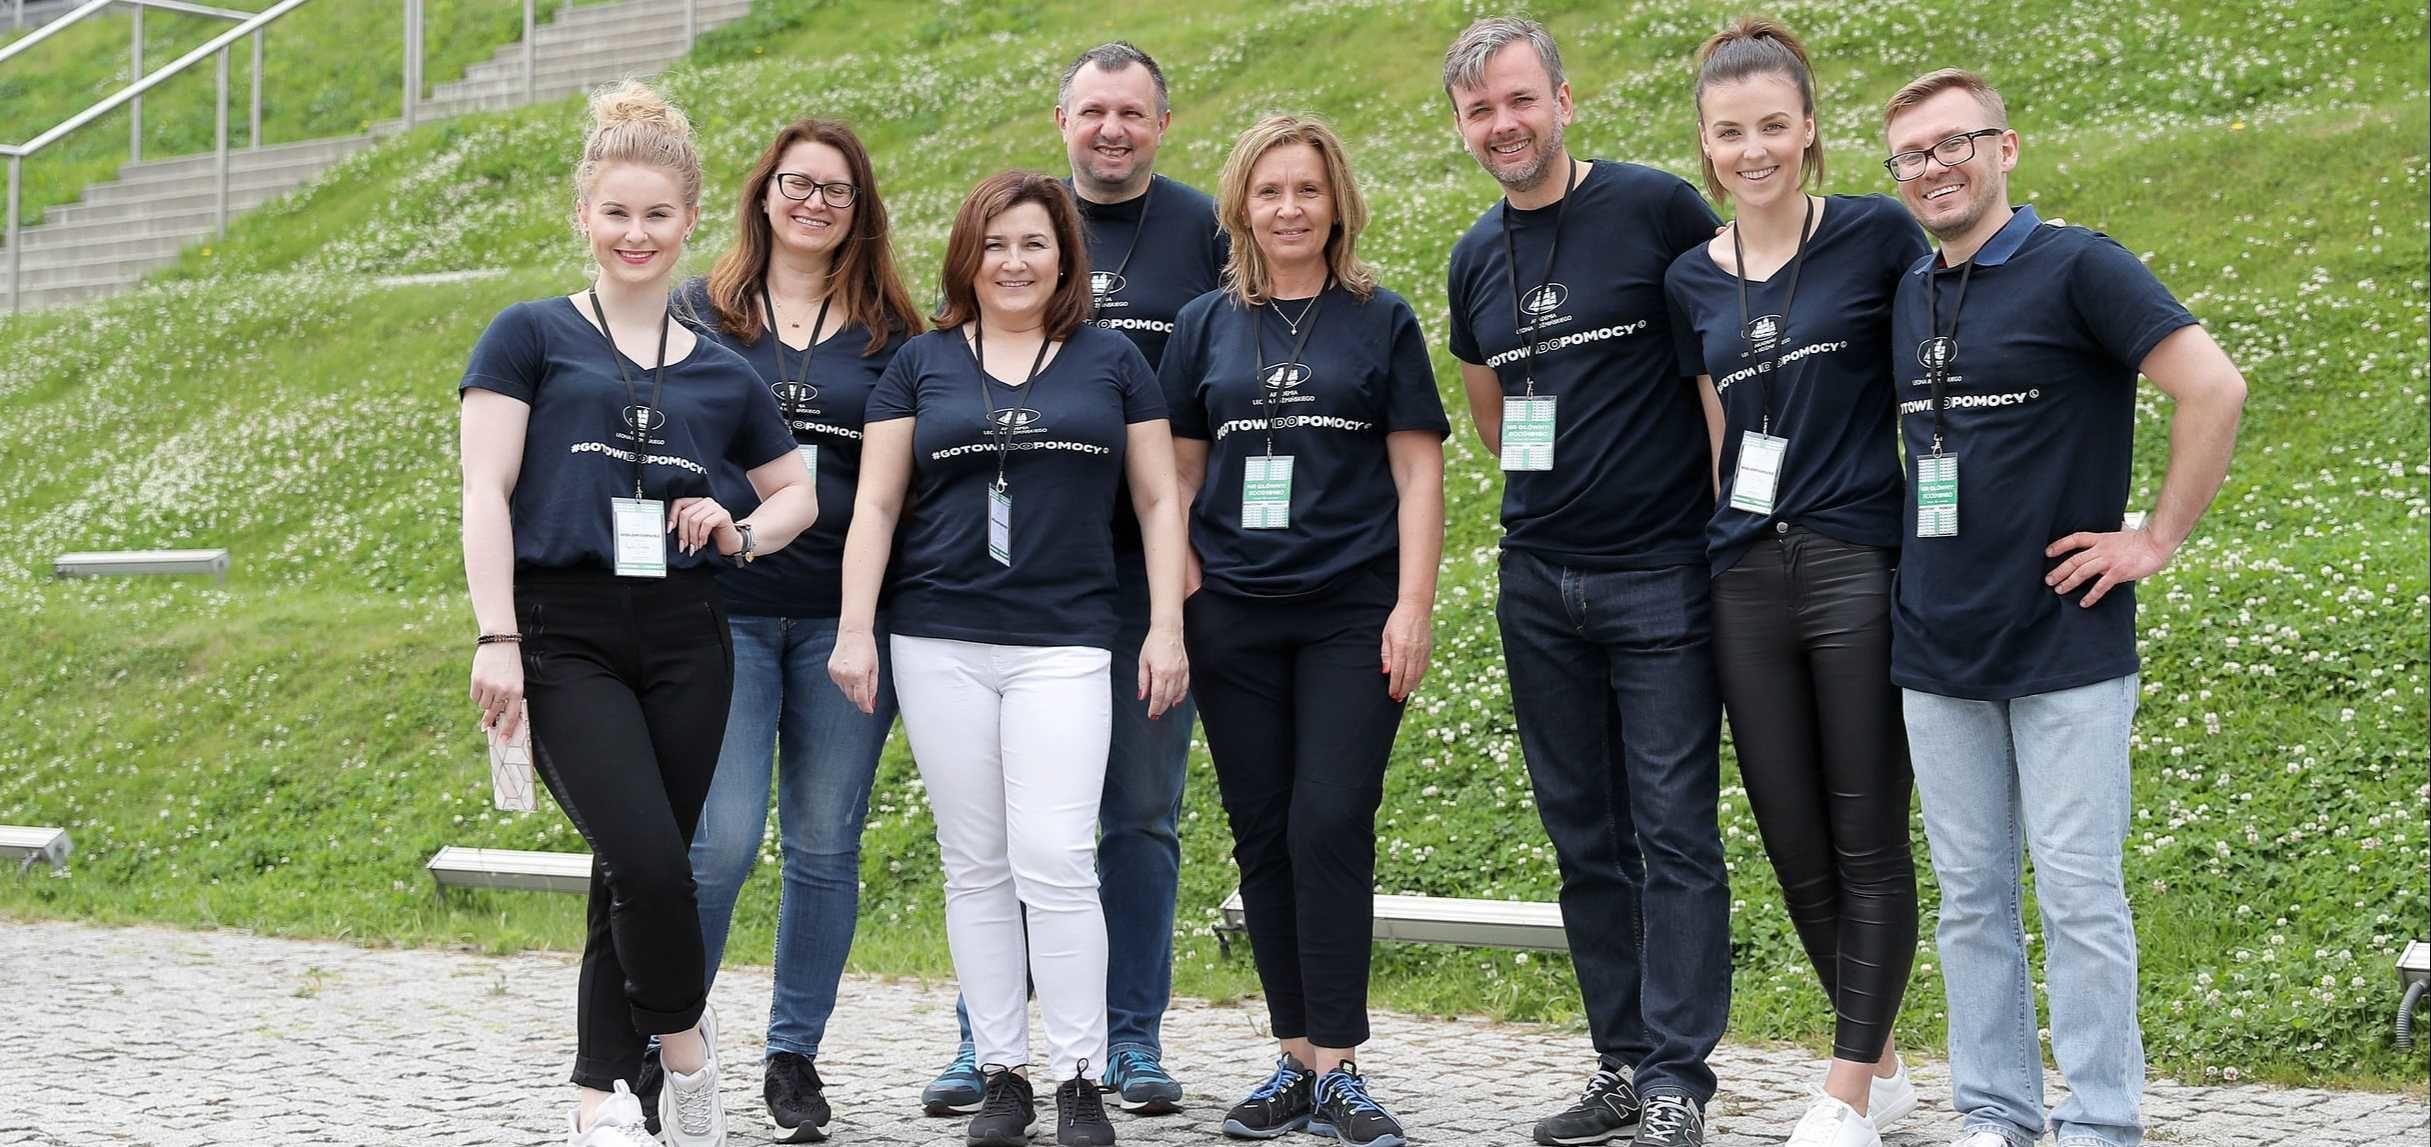 Z pomocą seniorom - Fundacja Koźmińskich i Akademia Leona Koźmińskiego dołączyły do akcji #GOTOWIDOPOMOCY